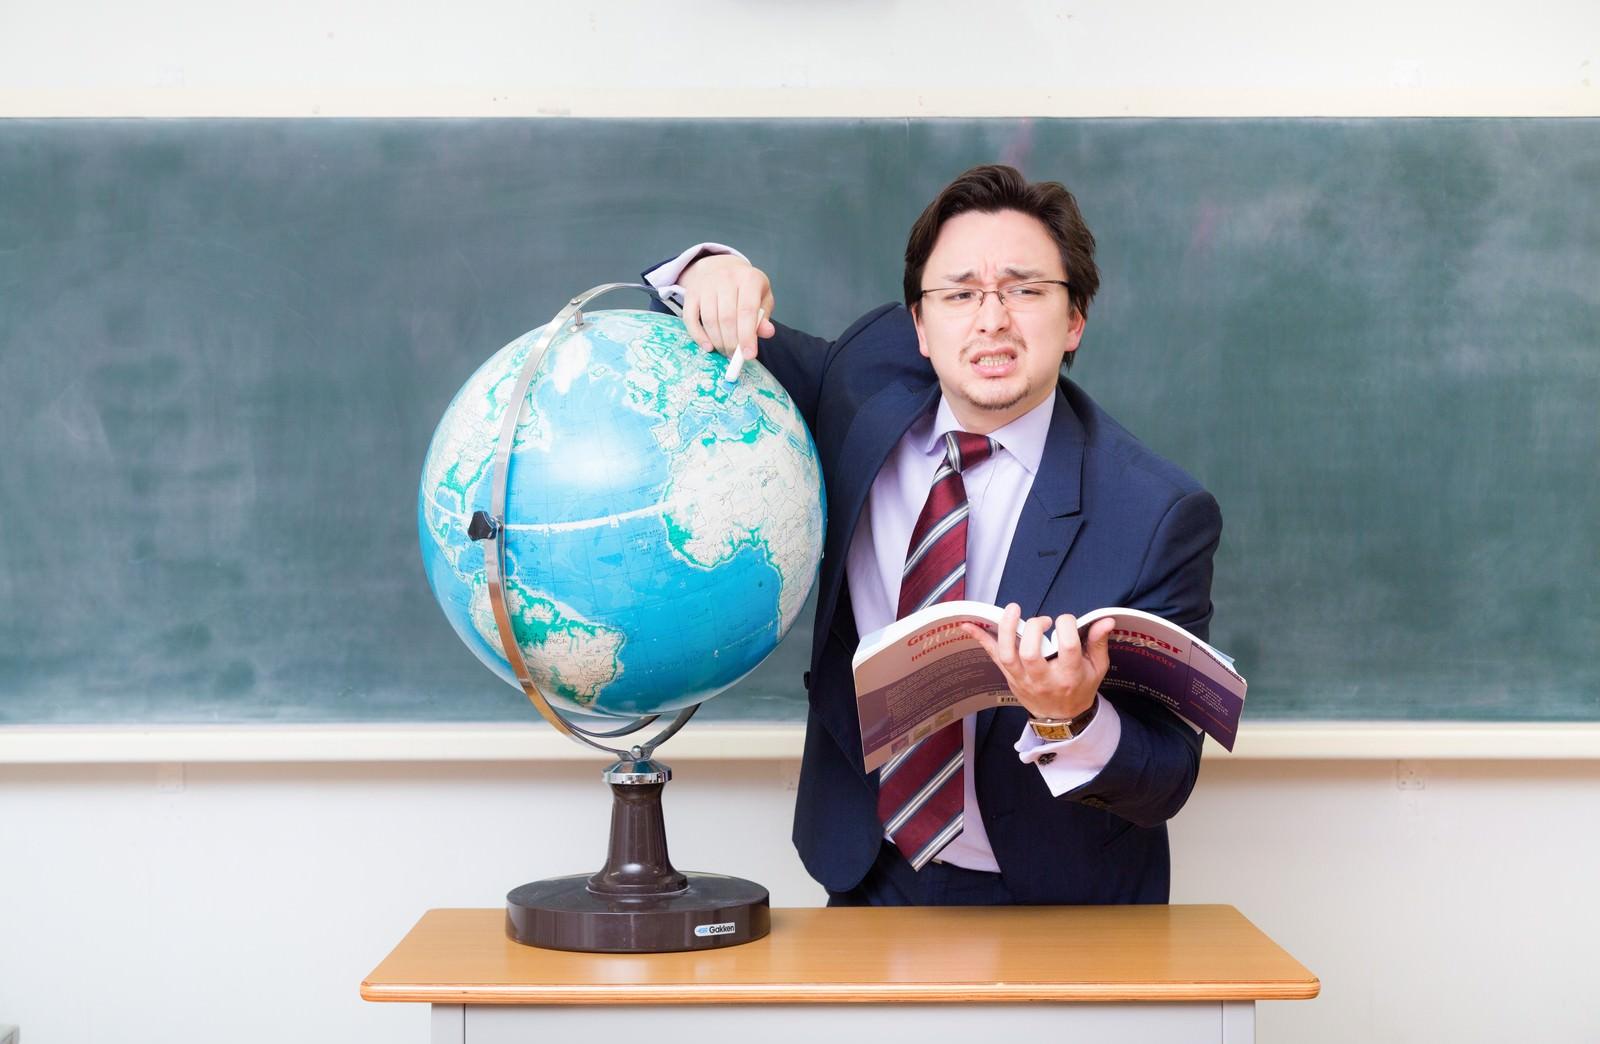 「故郷をあまり知らないドイツ人ハーフの講師故郷をあまり知らないドイツ人ハーフの講師」[モデル:Max_Ezaki]のフリー写真素材を拡大